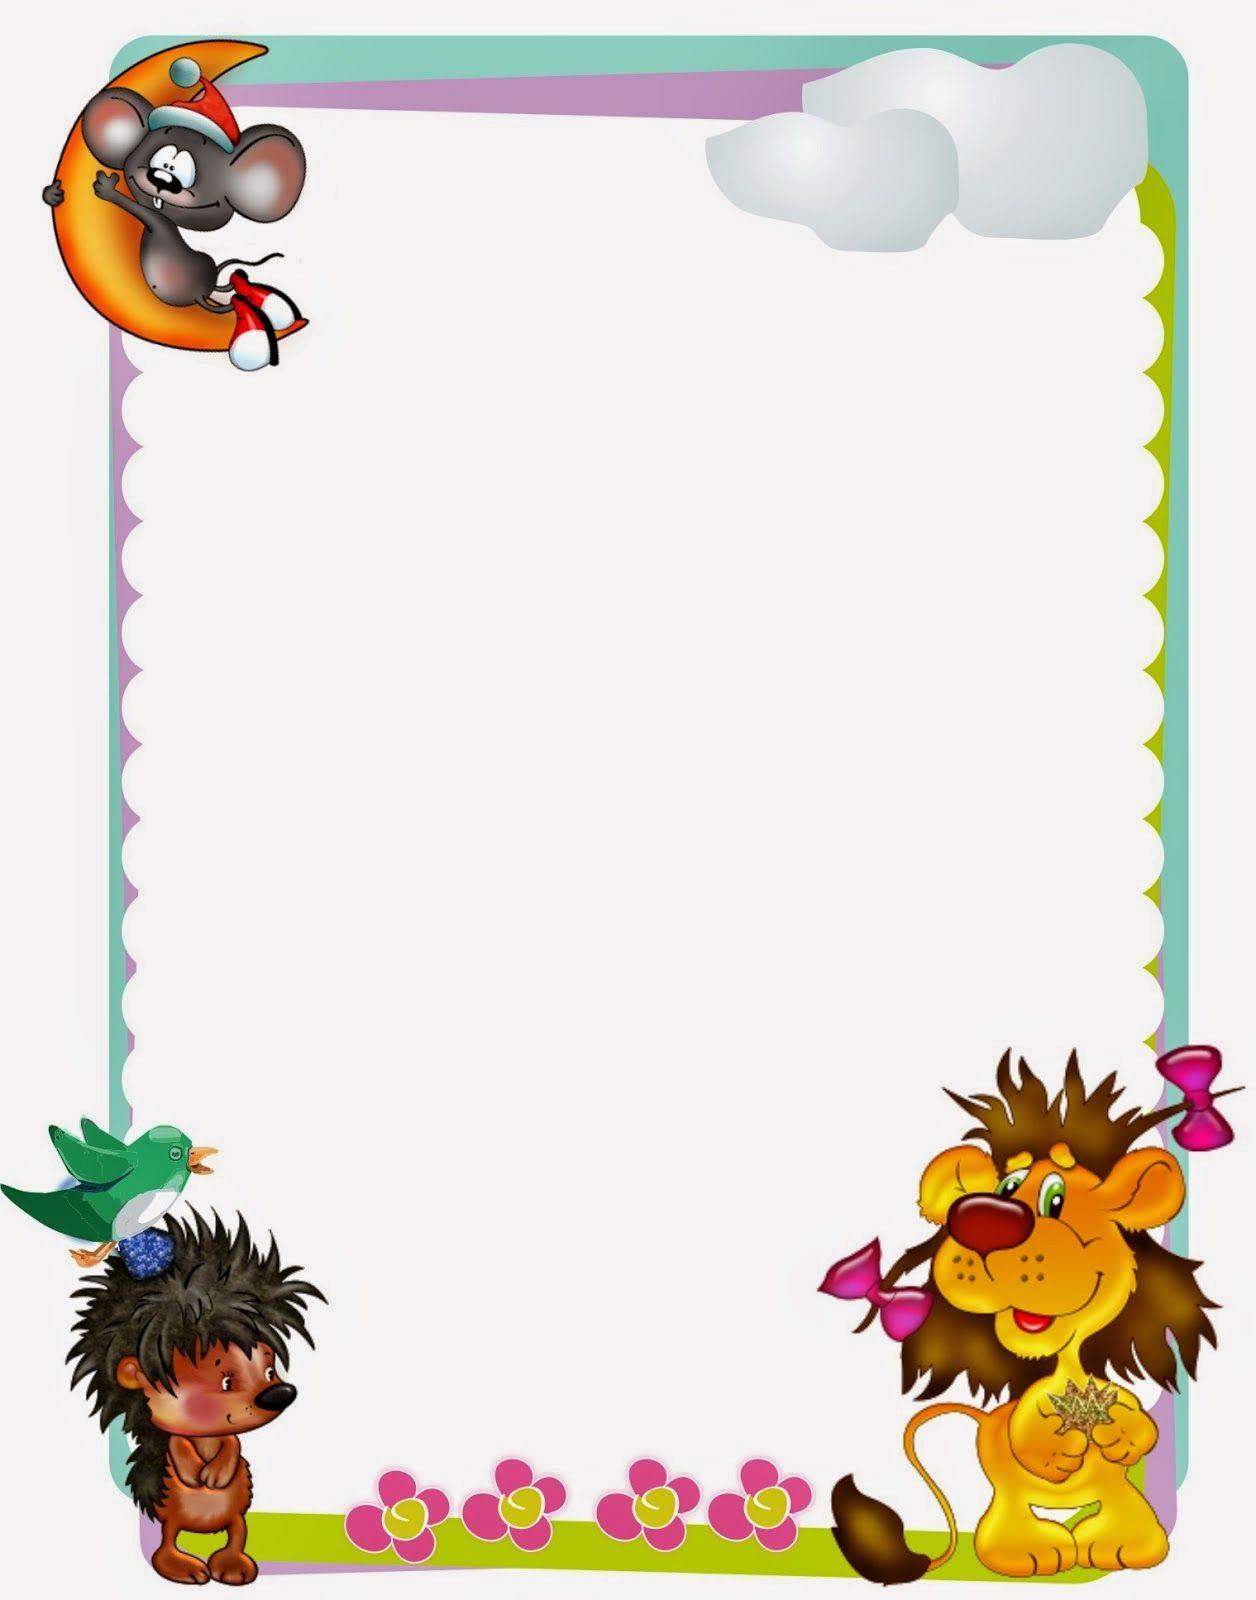 marcos escolares letras - Buscar con Google | marcos | Pinterest ...